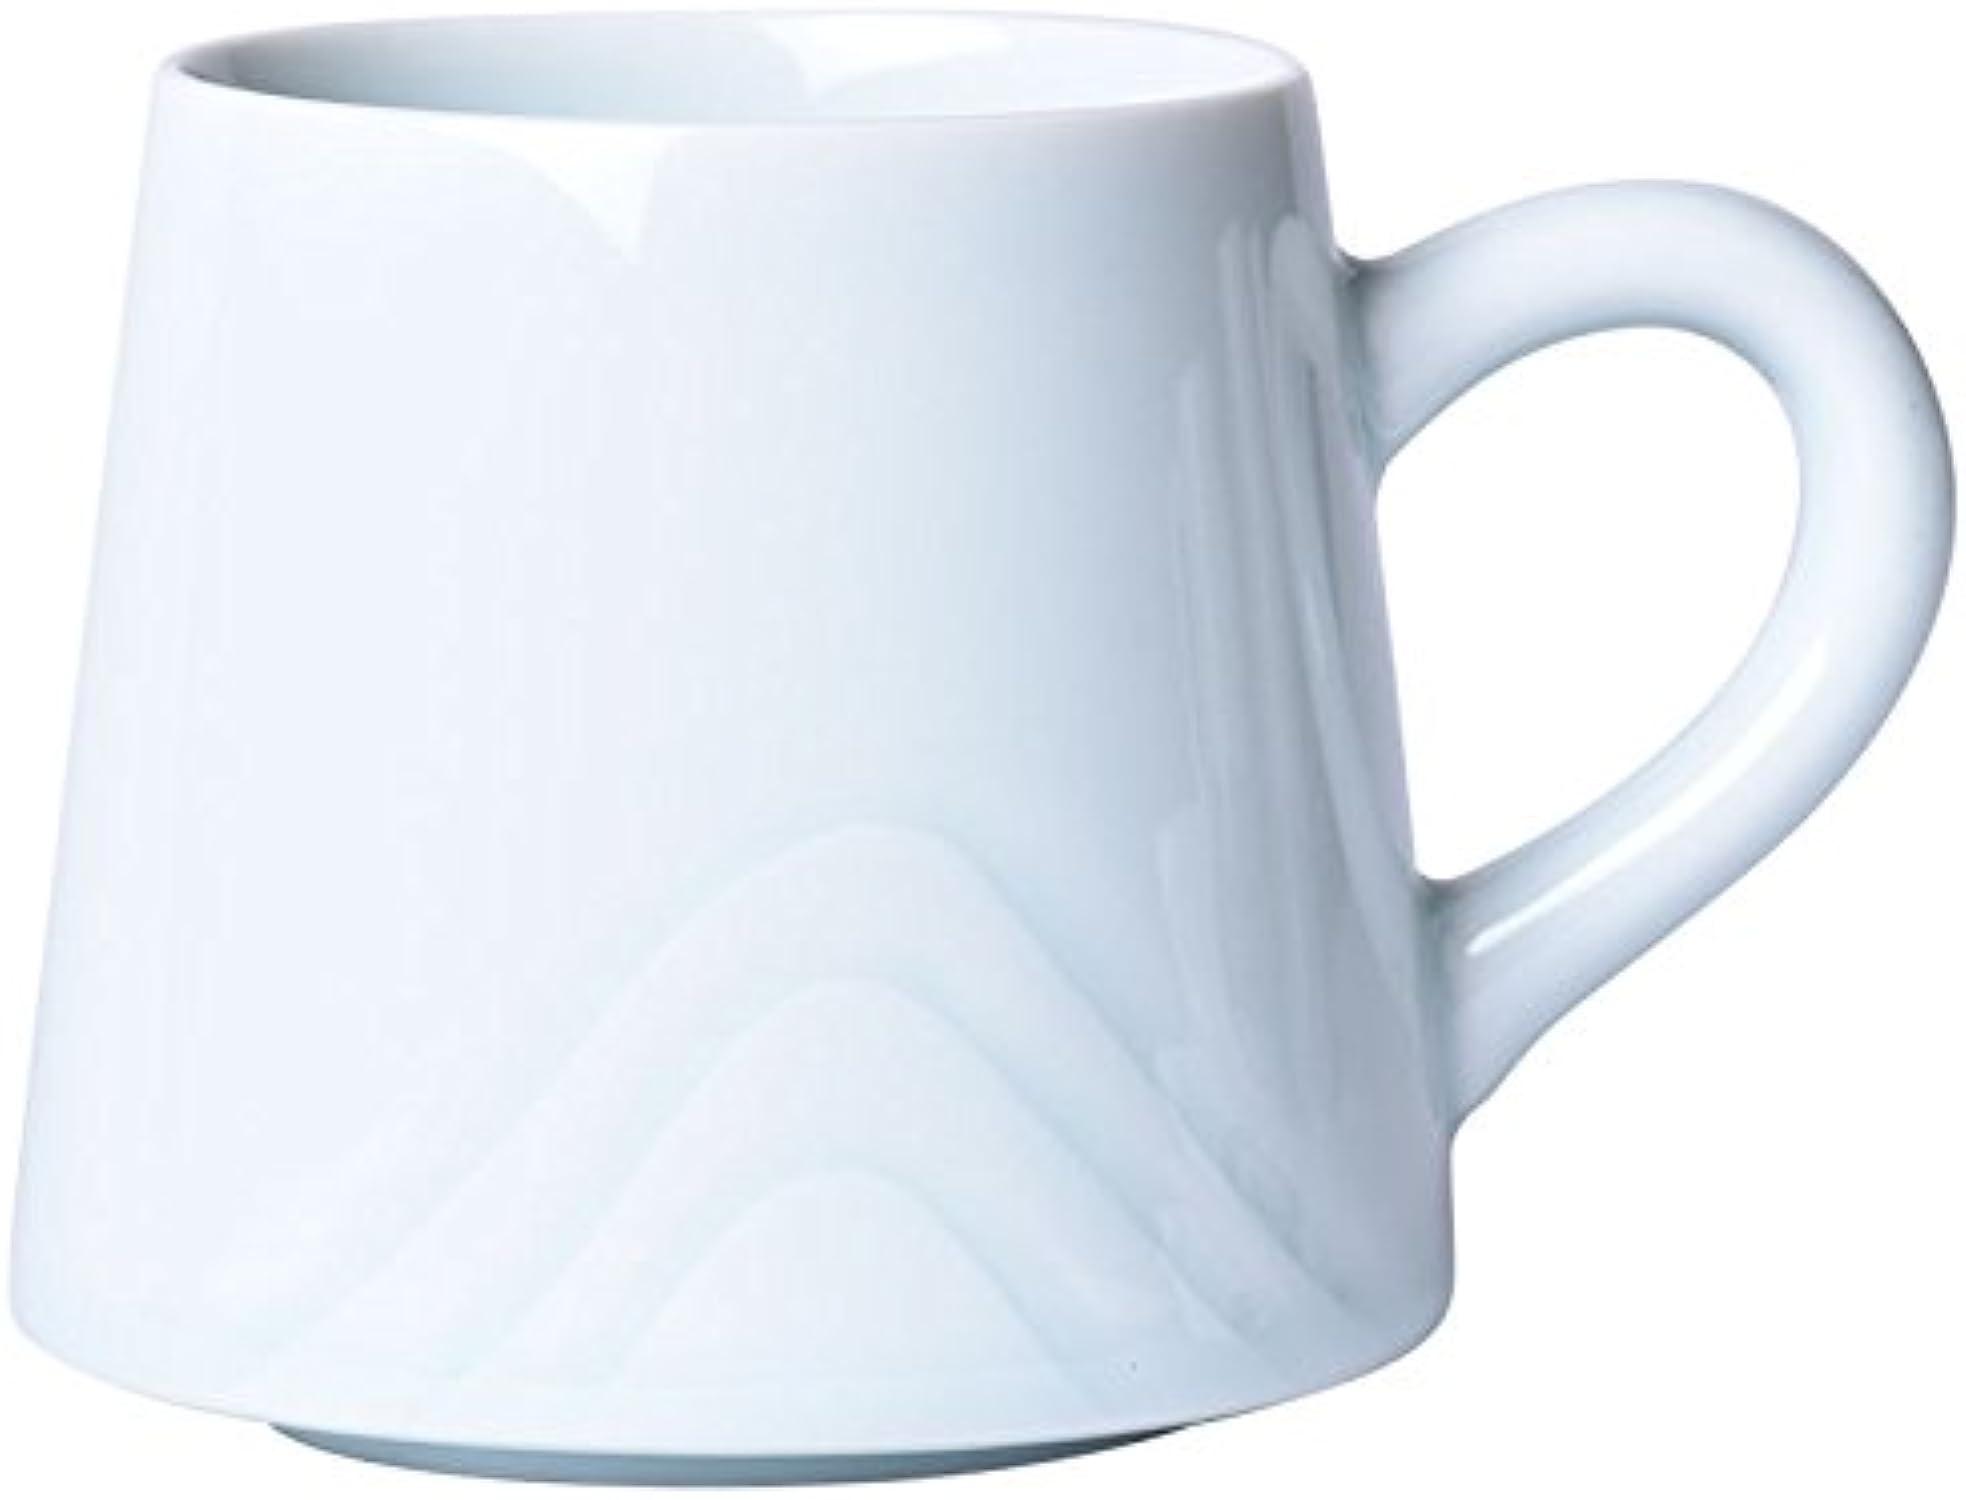 LOYWT main Glaze modèles, minimalistes, tasses de café Creative, tasses, mugs, tasses de lait Couple, Bleu